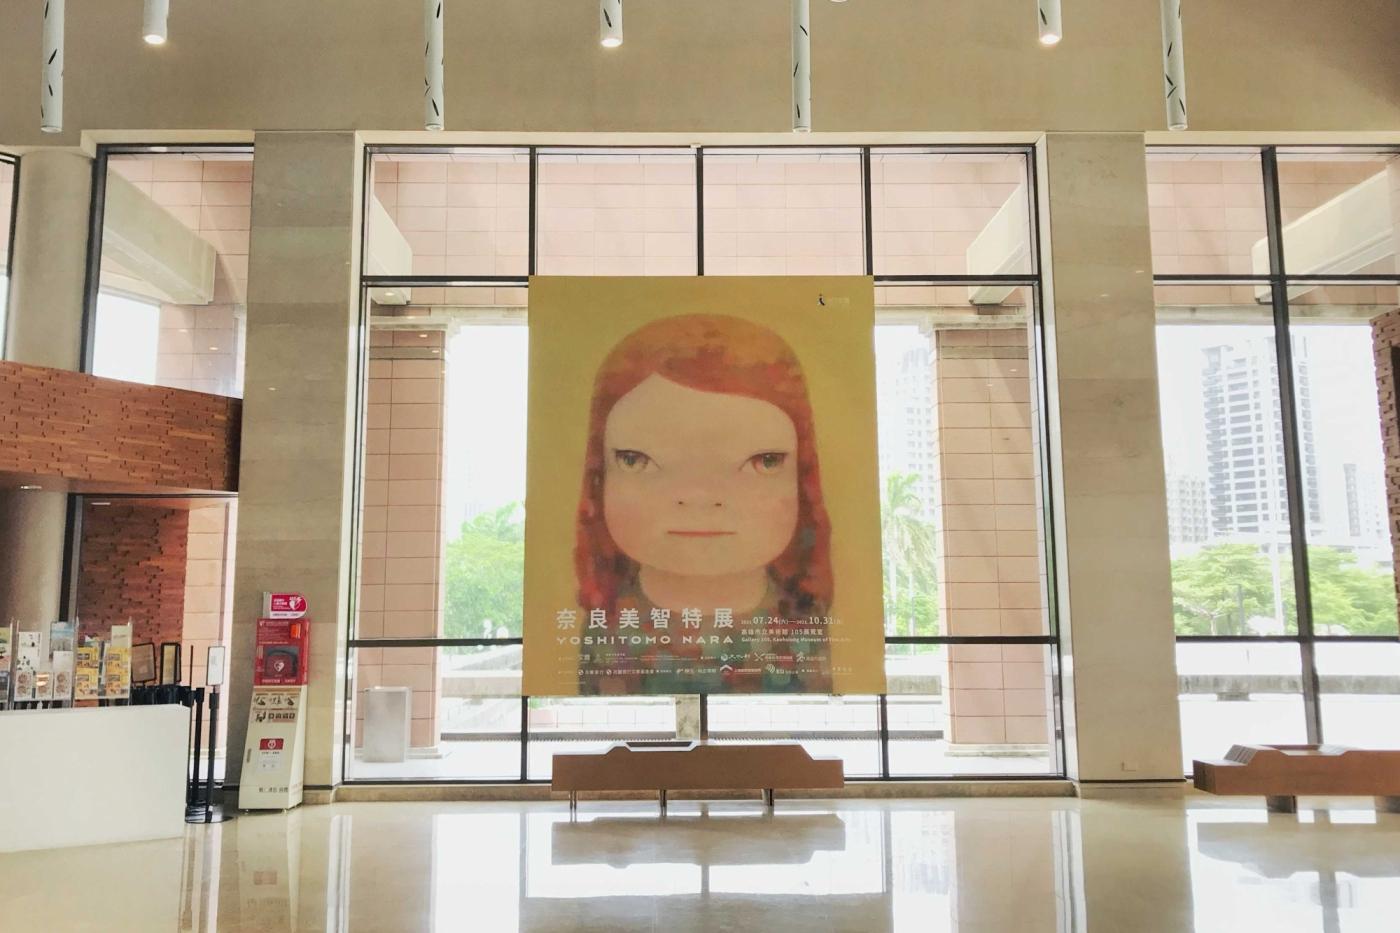 《奈良美智特展》高雄場明(24)日將於高雄市立美術館盛大展出,高美館大廳已布置打卡拍照區。 圖片來源/主辦單位–文化總會、高美館